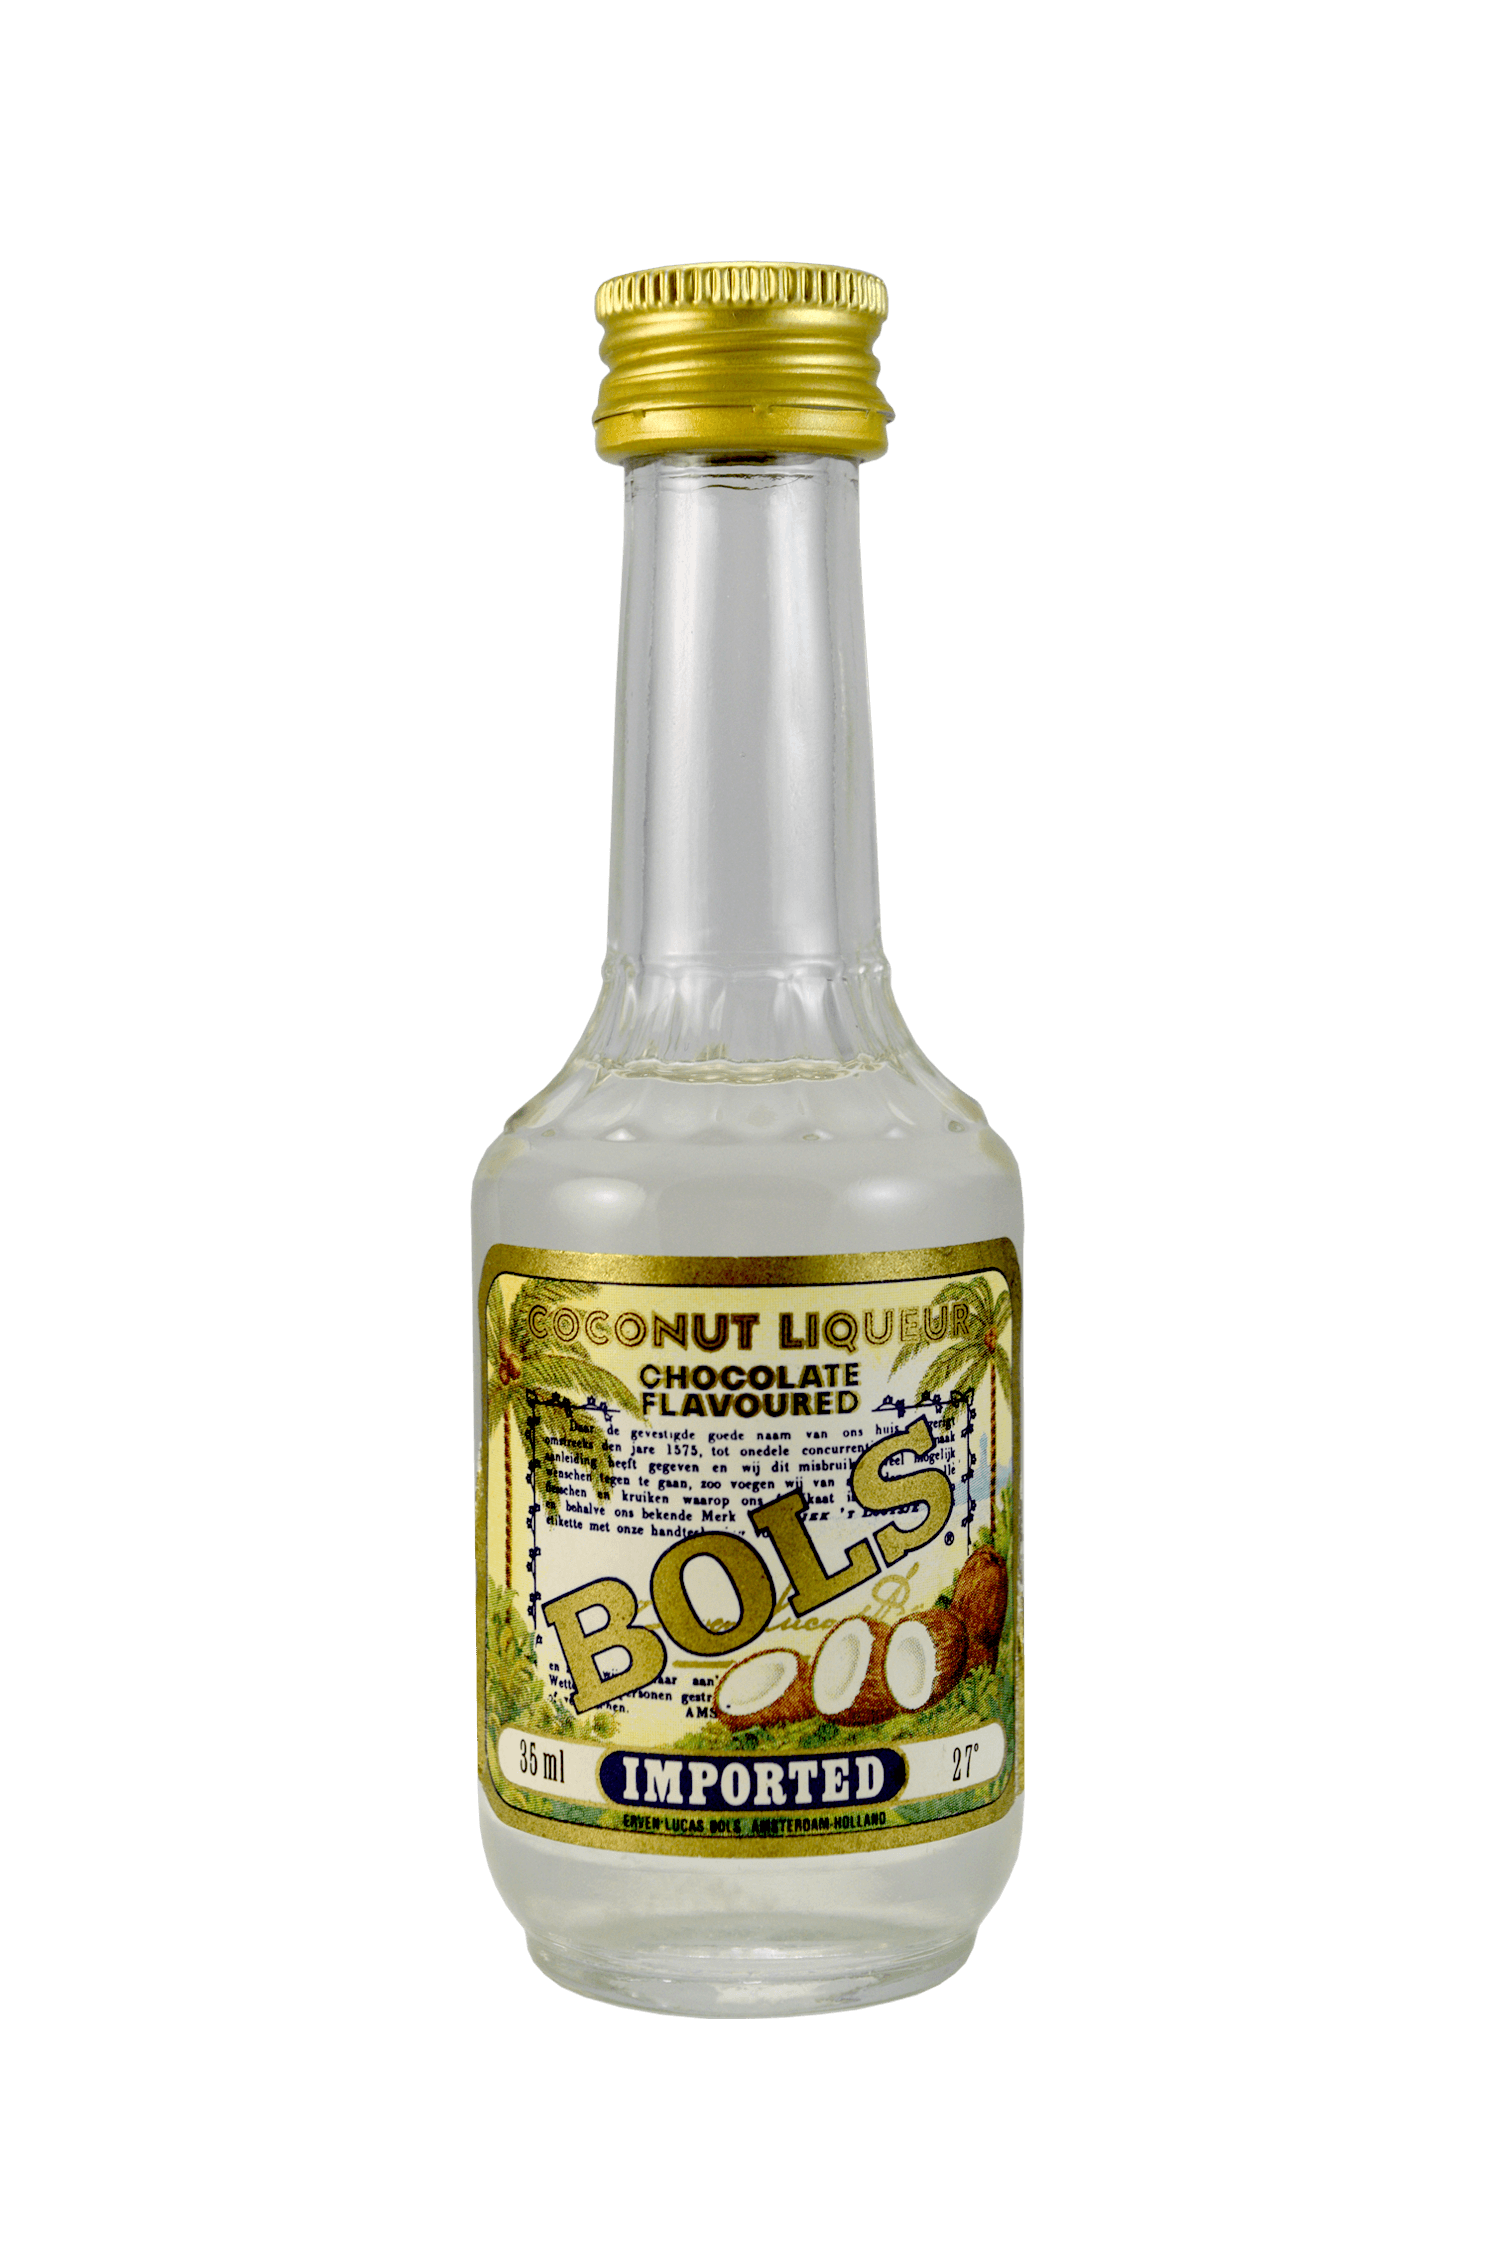 Bols Coconut Liqueur